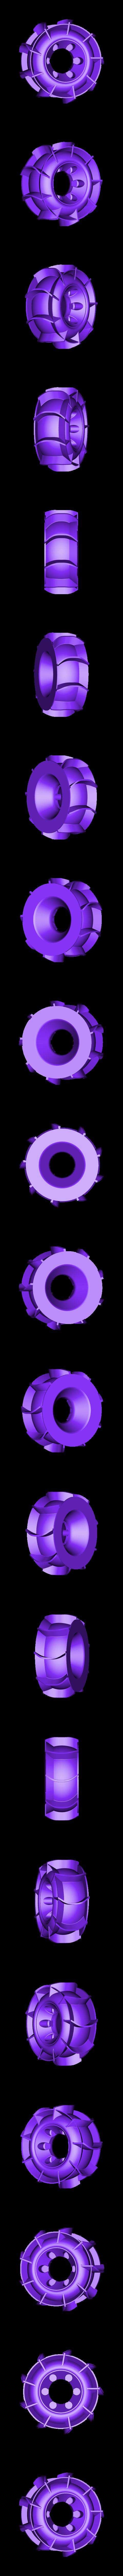 Palmiga_ORC_Basilisk-Tire_NoS.stl Télécharger fichier STL gratuit Pneus Palmiga RC-Car Basilisk • Modèle pour impression 3D, Palmiga